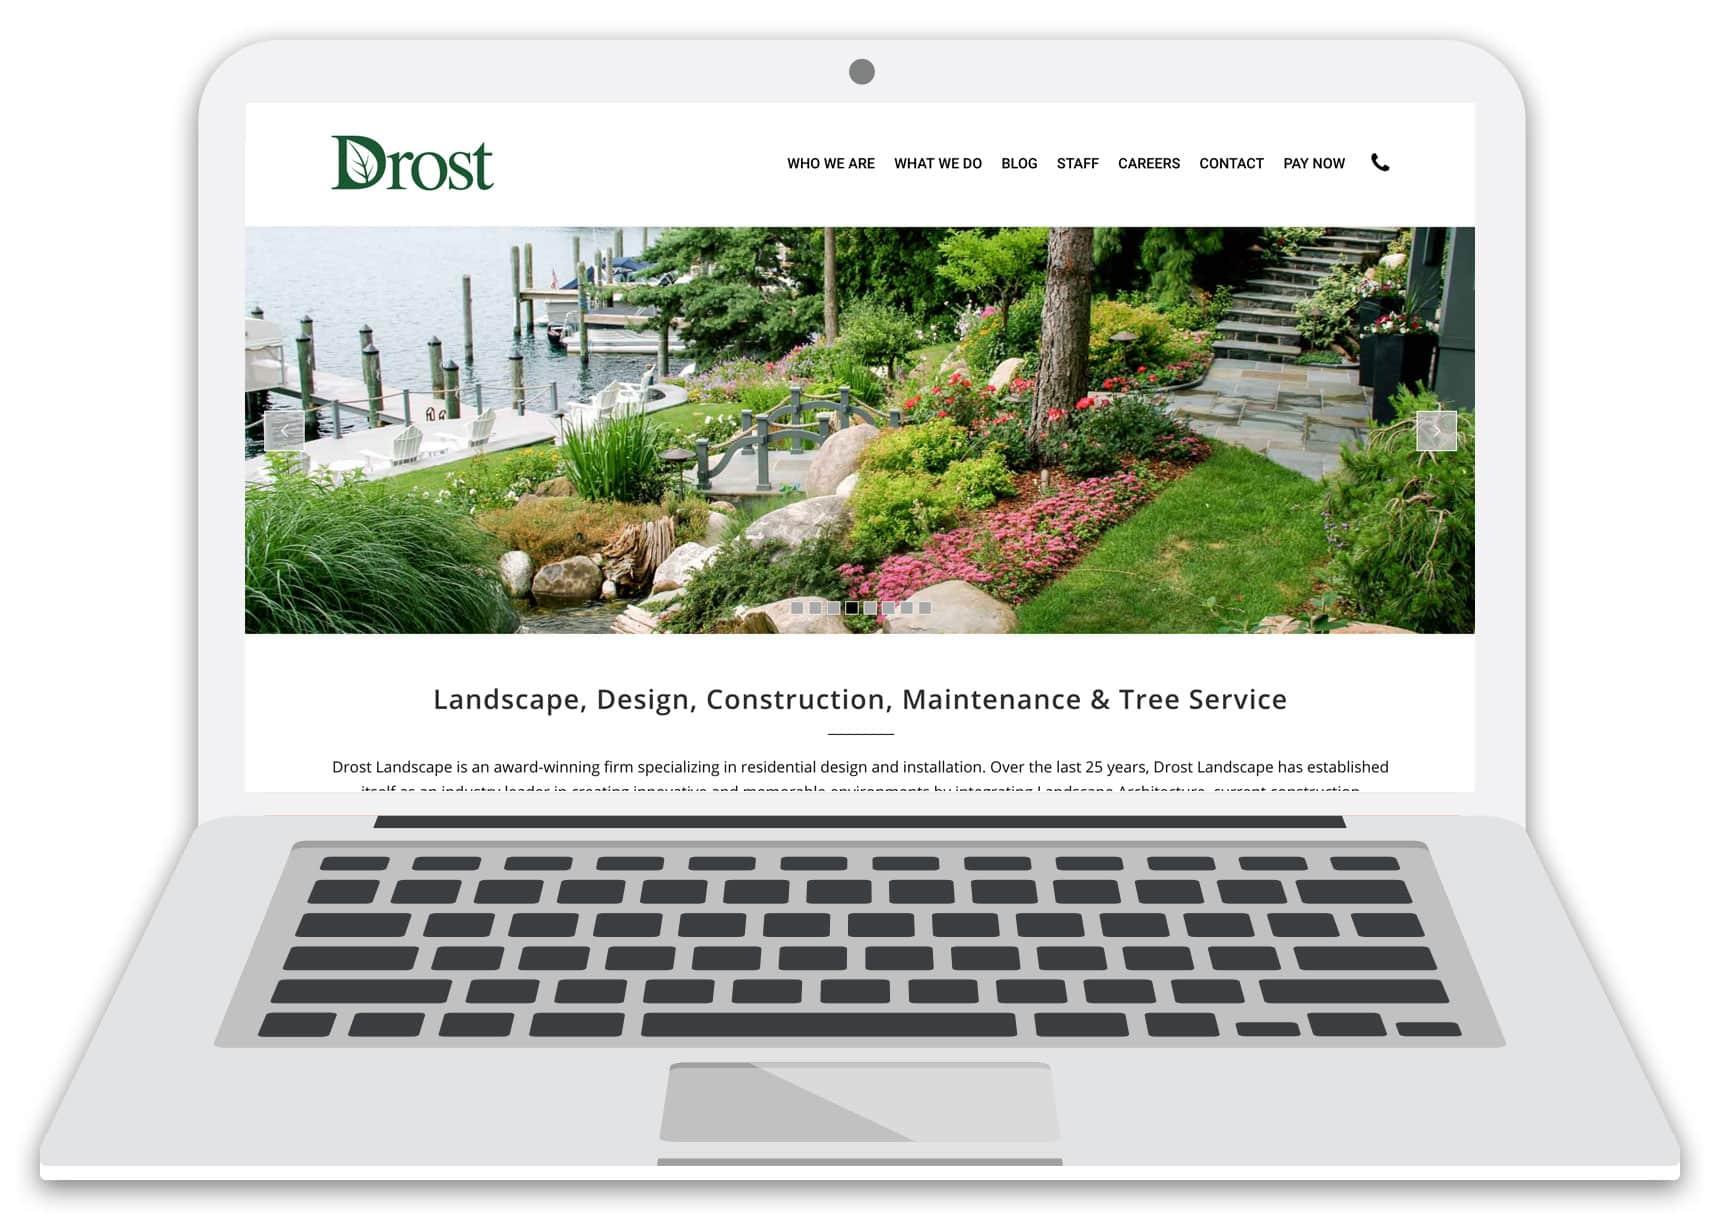 drost landscape website laptop